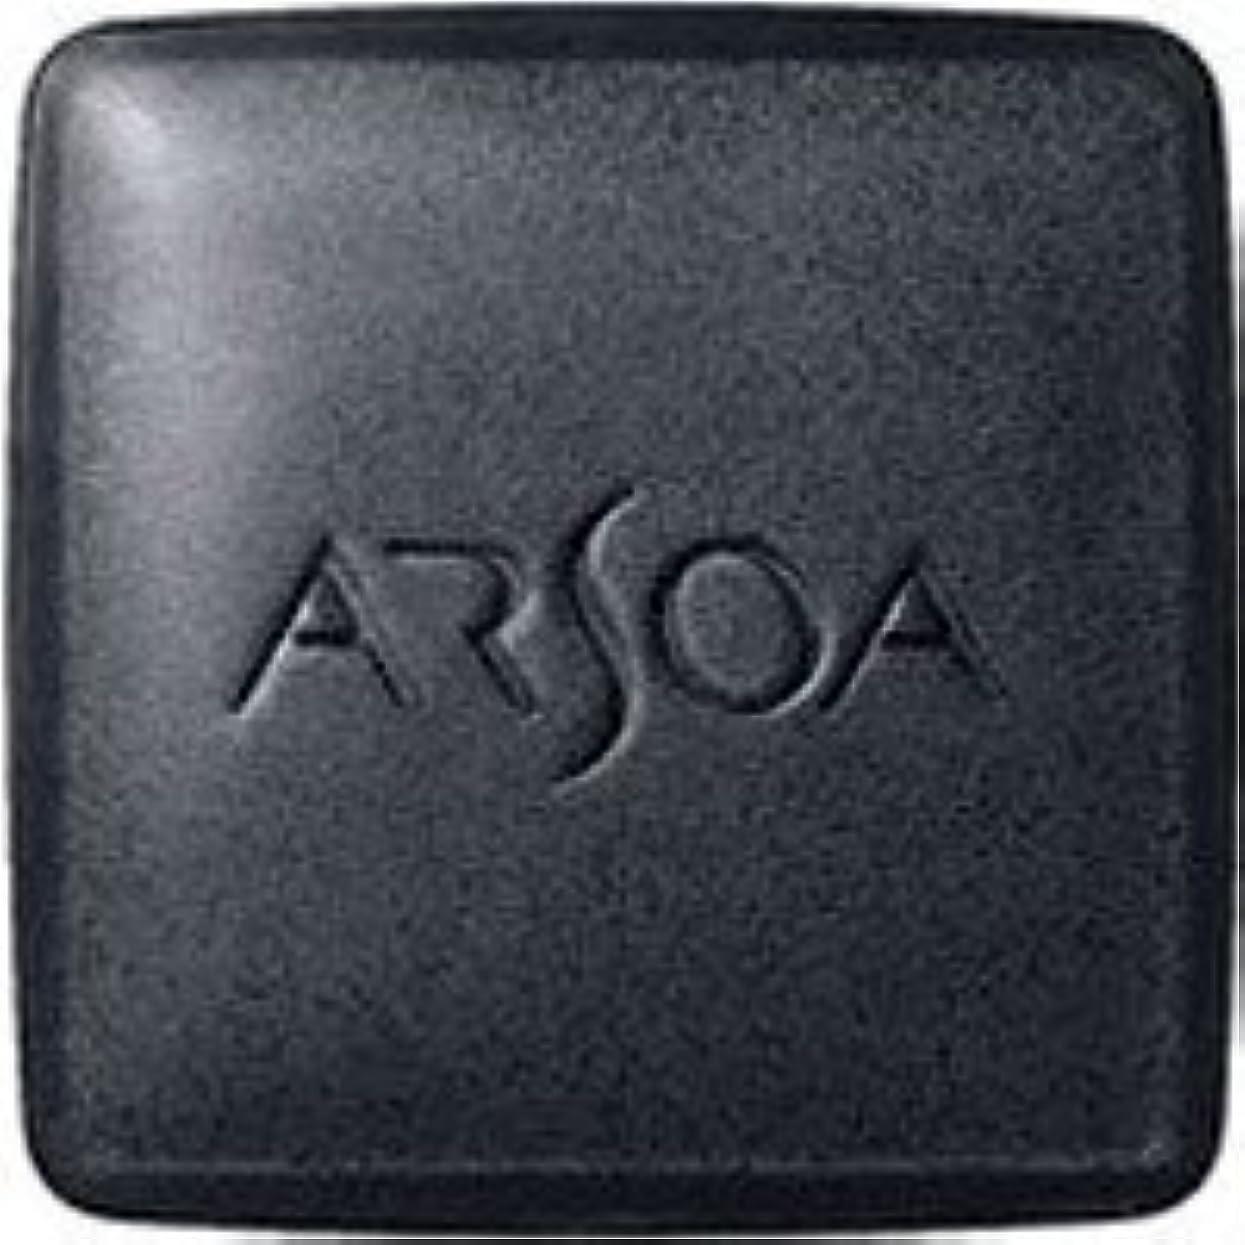 コメンテータースナップ有料[外箱無]アルソア(ARSOA)クイーンシルバー(リフィル)135g